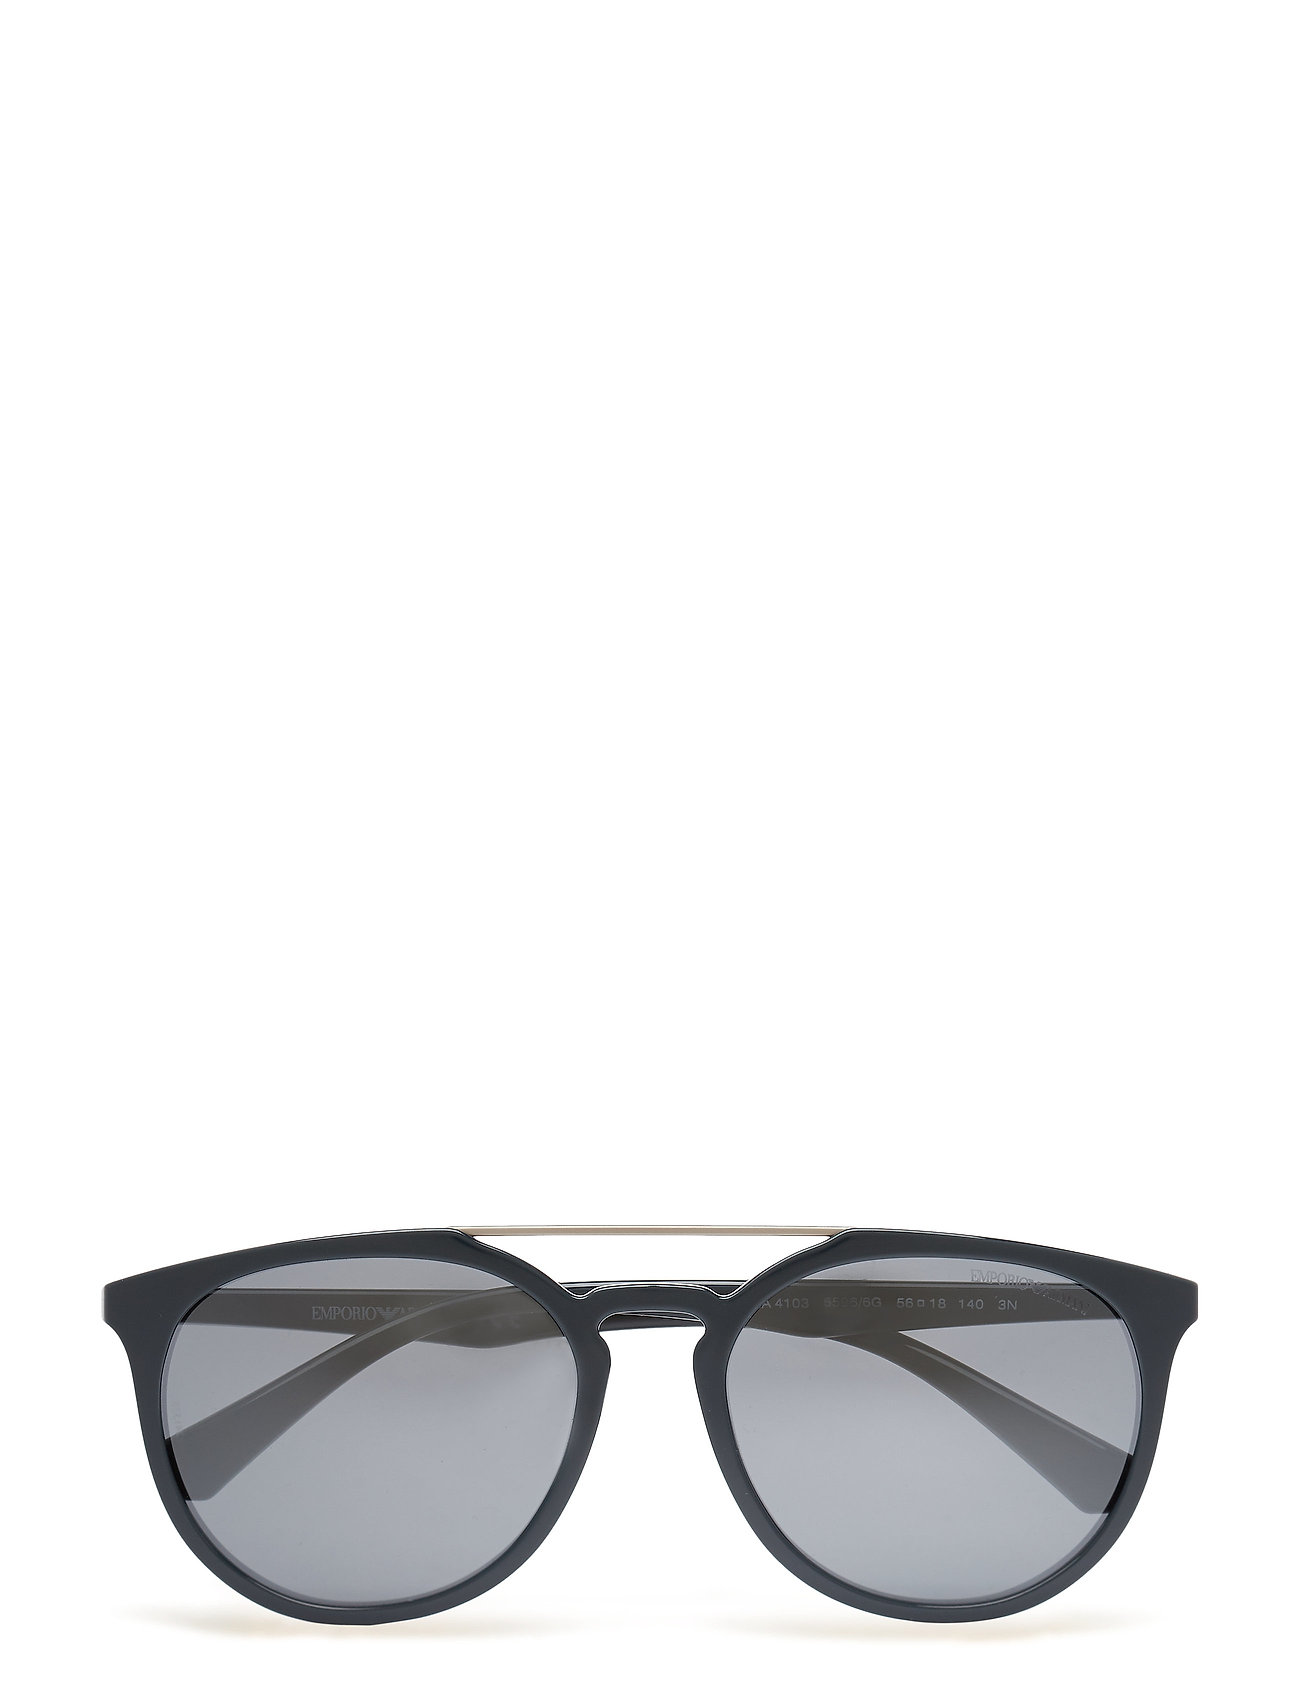 Round Frame Emporio Armani Sunglasses Solbriller til Herrer i